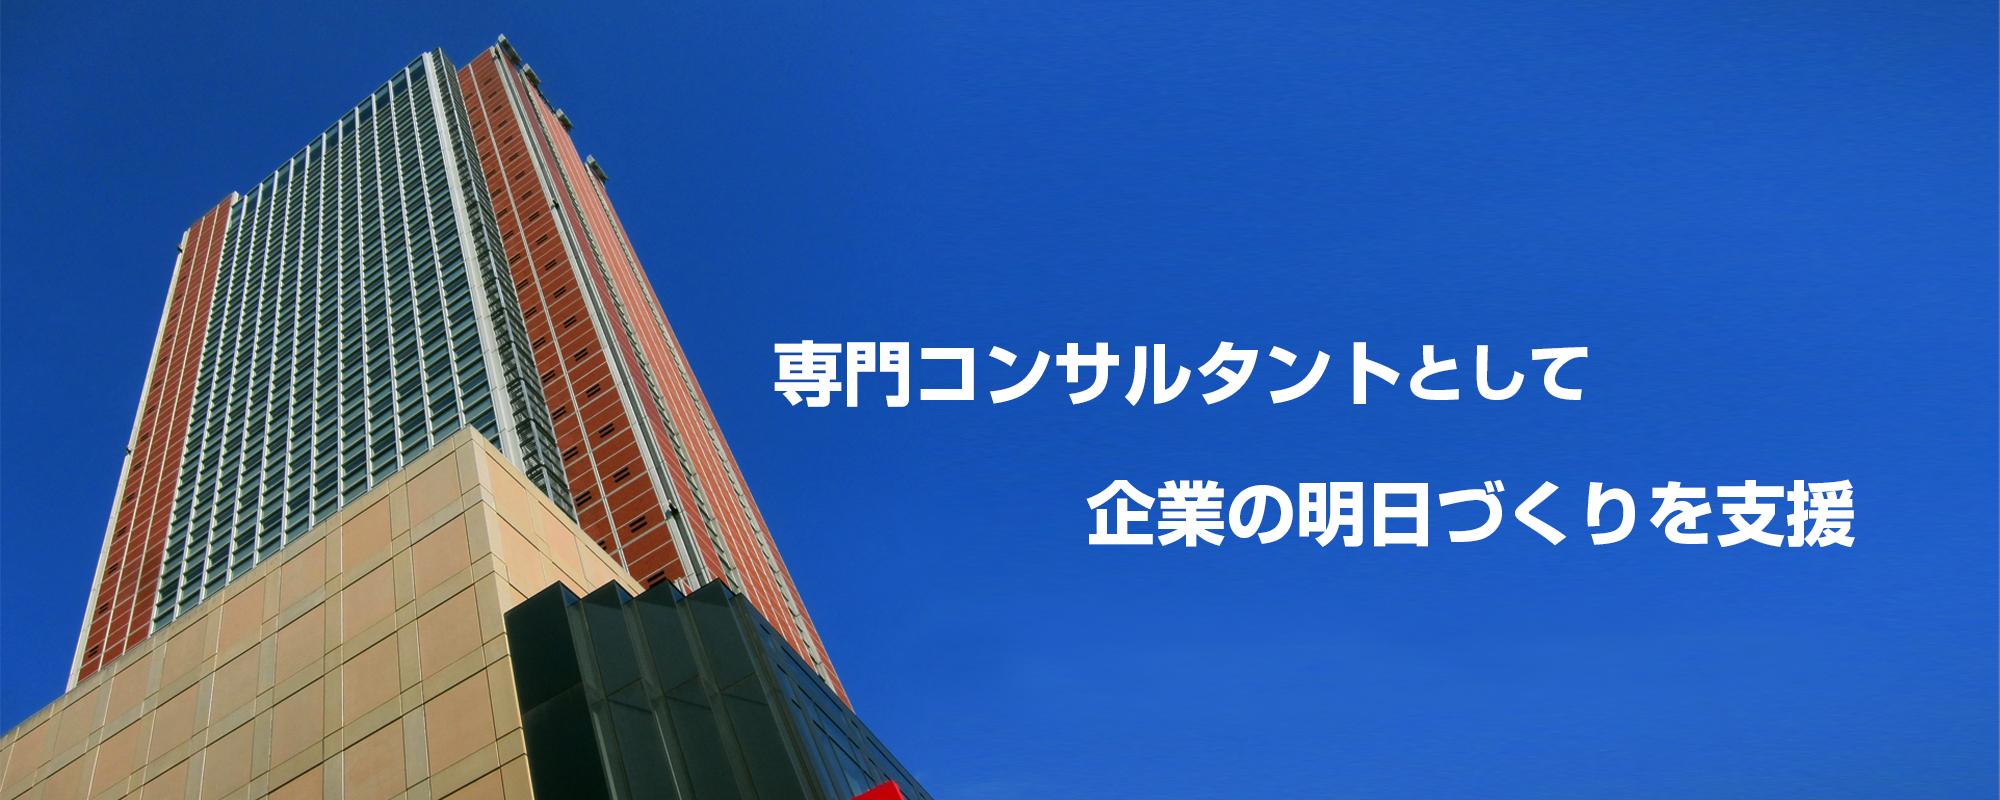 専門コンサルタントとして企業の明日づくりを支援する社会保険労務士(社労士)法人 岩城労務管理事務所は東京世田谷の社労士事務所です。